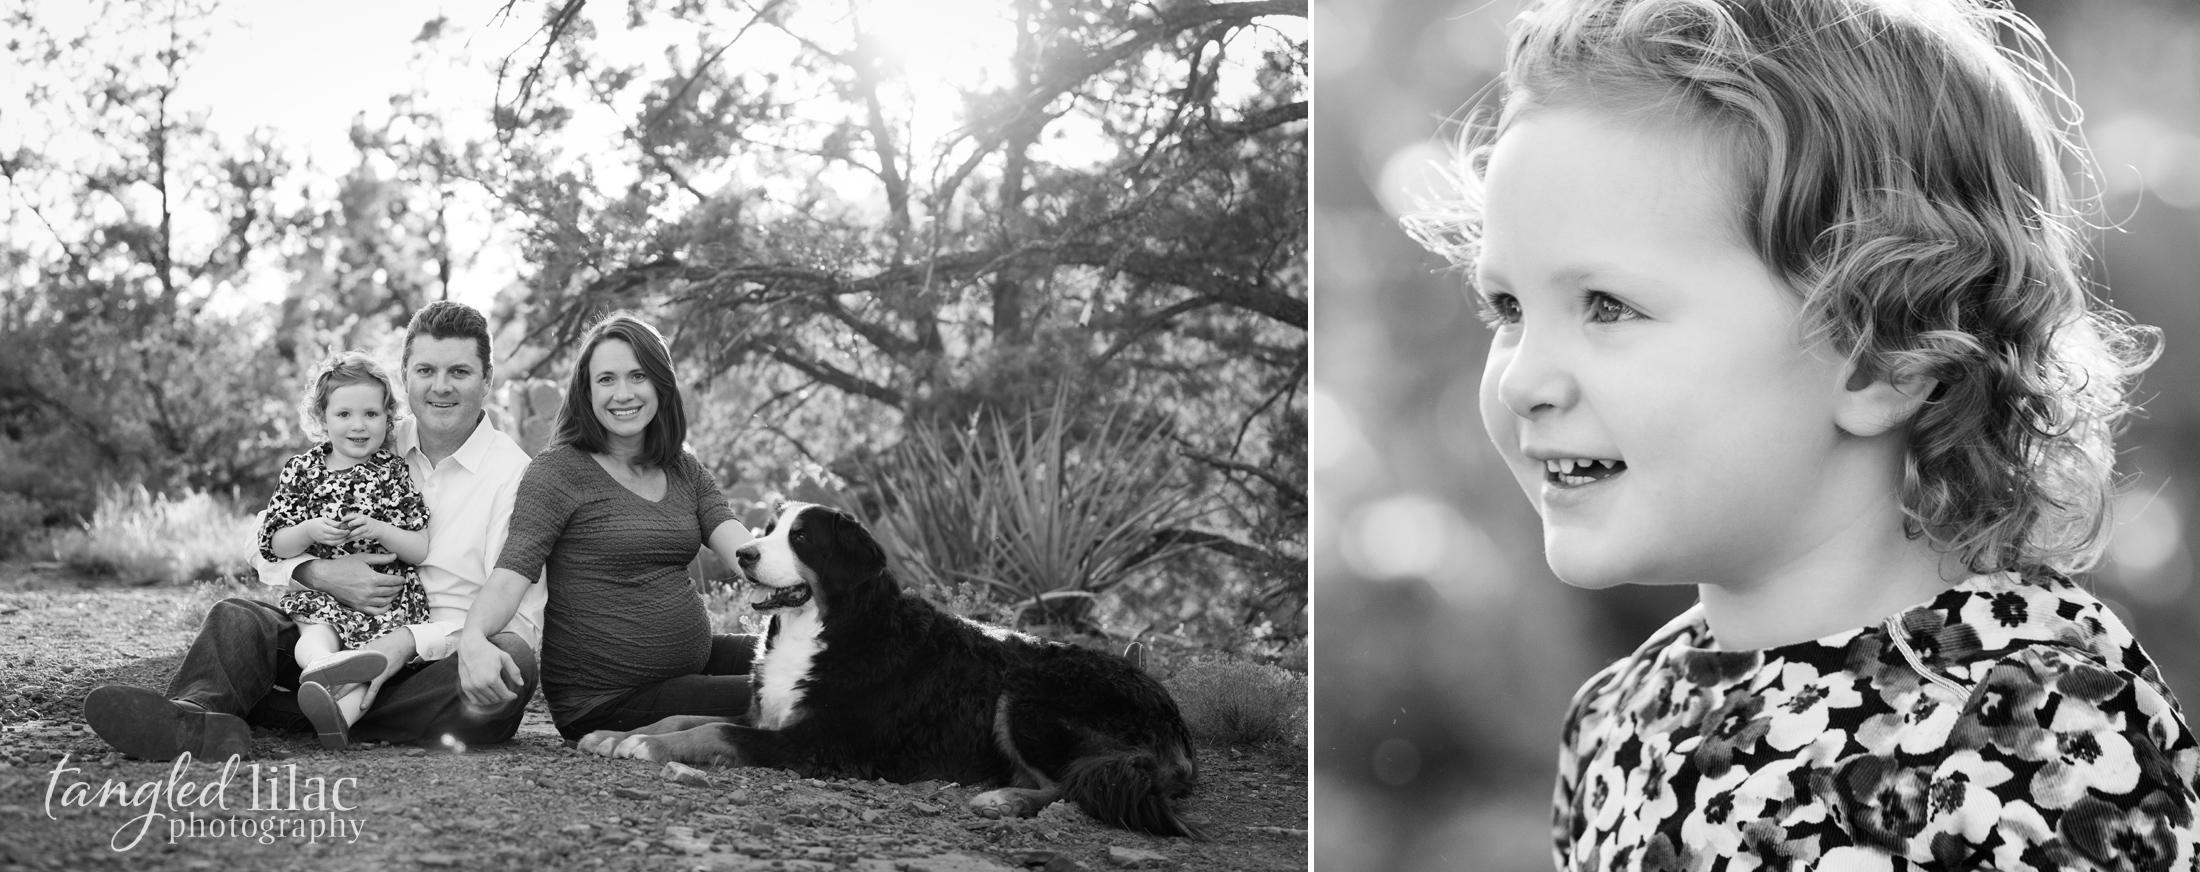 105-sedona-family-photographer-maternity-pet-dog-bernese-mountain-dog